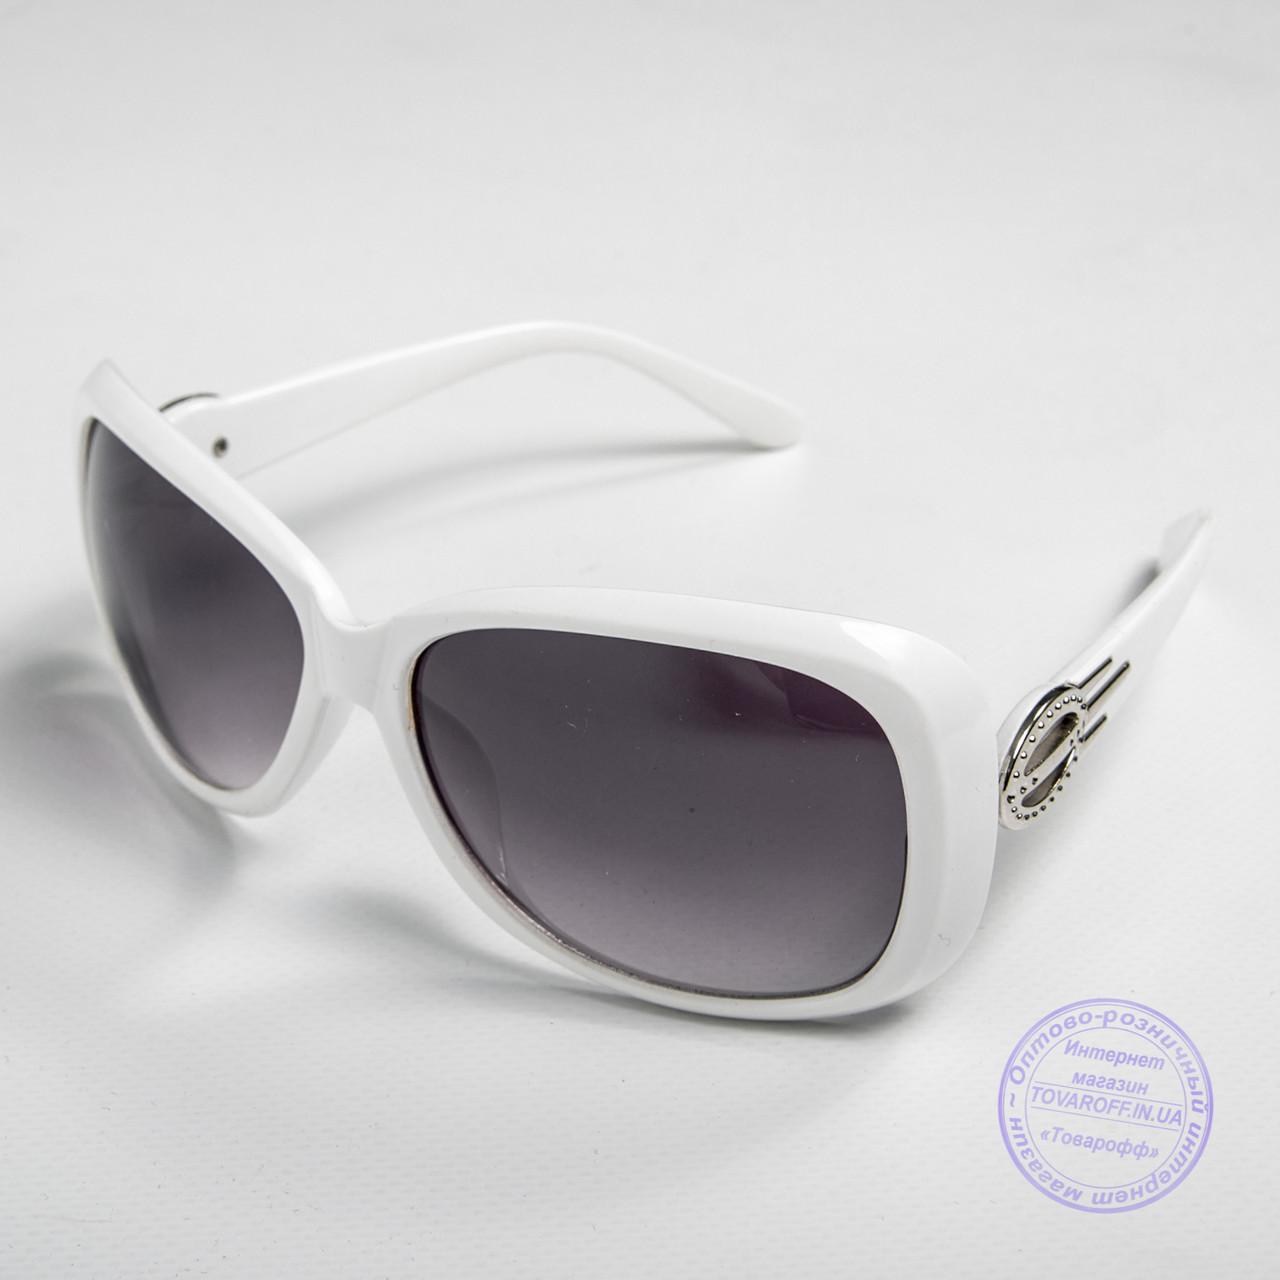 Распродажа женских солнечных очков оптом - Белые - 9974